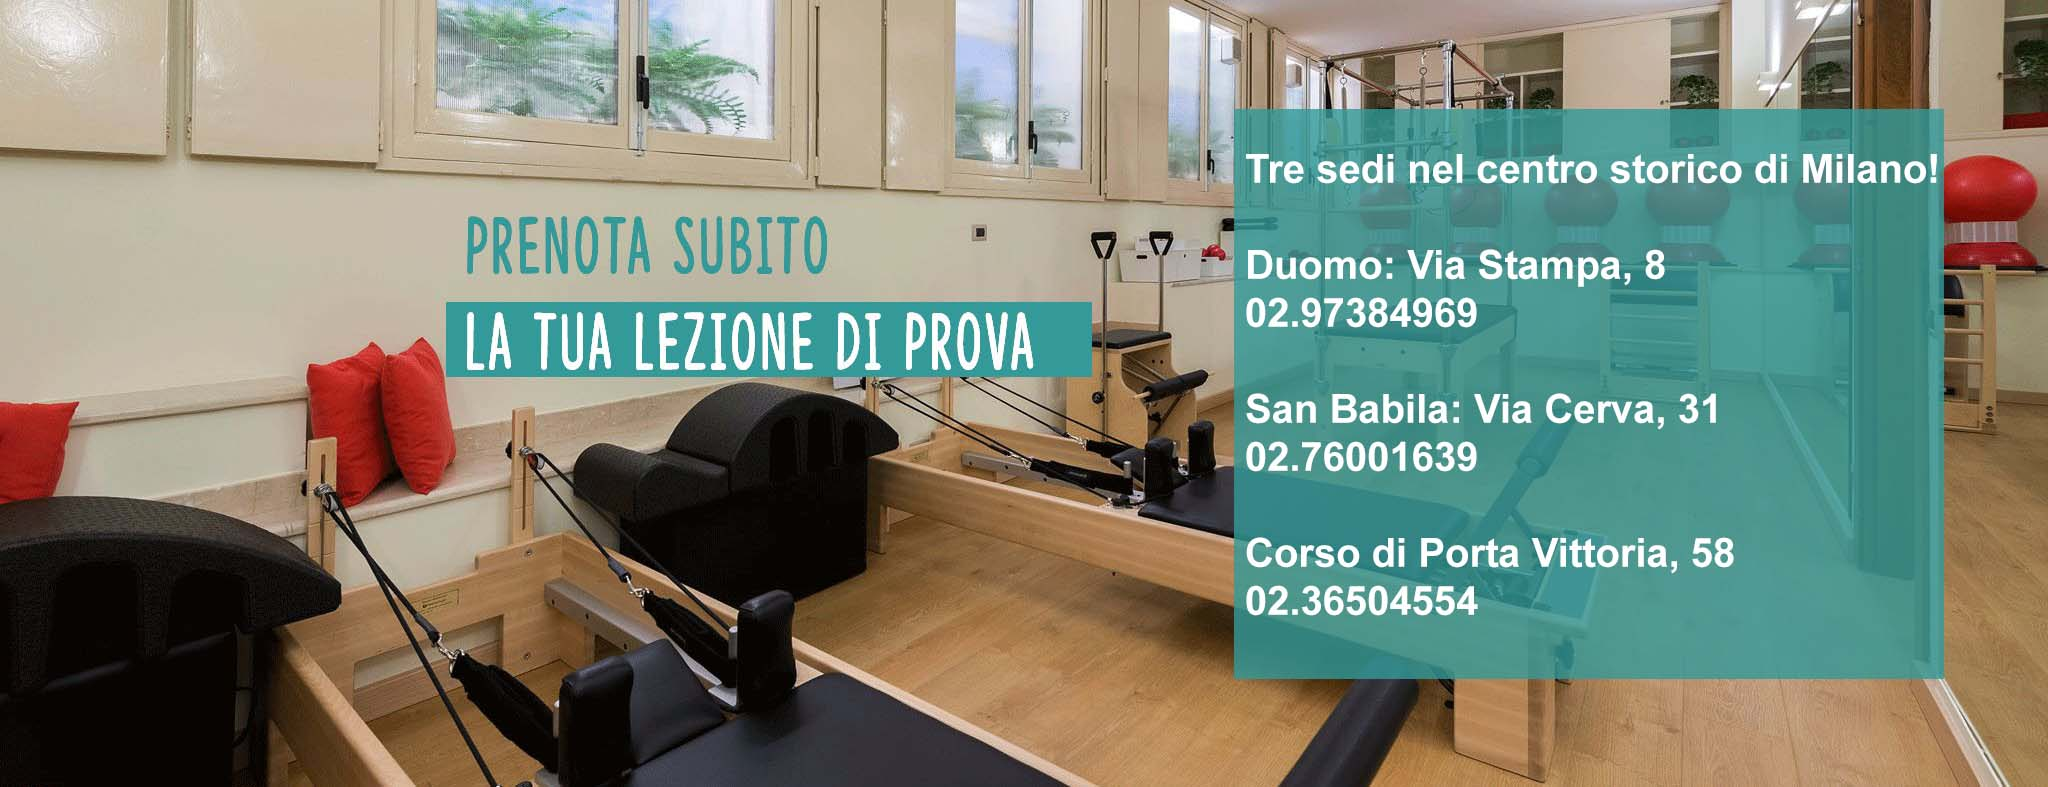 Pilates Cenisio Milano - Prenota subito la tua lezione di prova